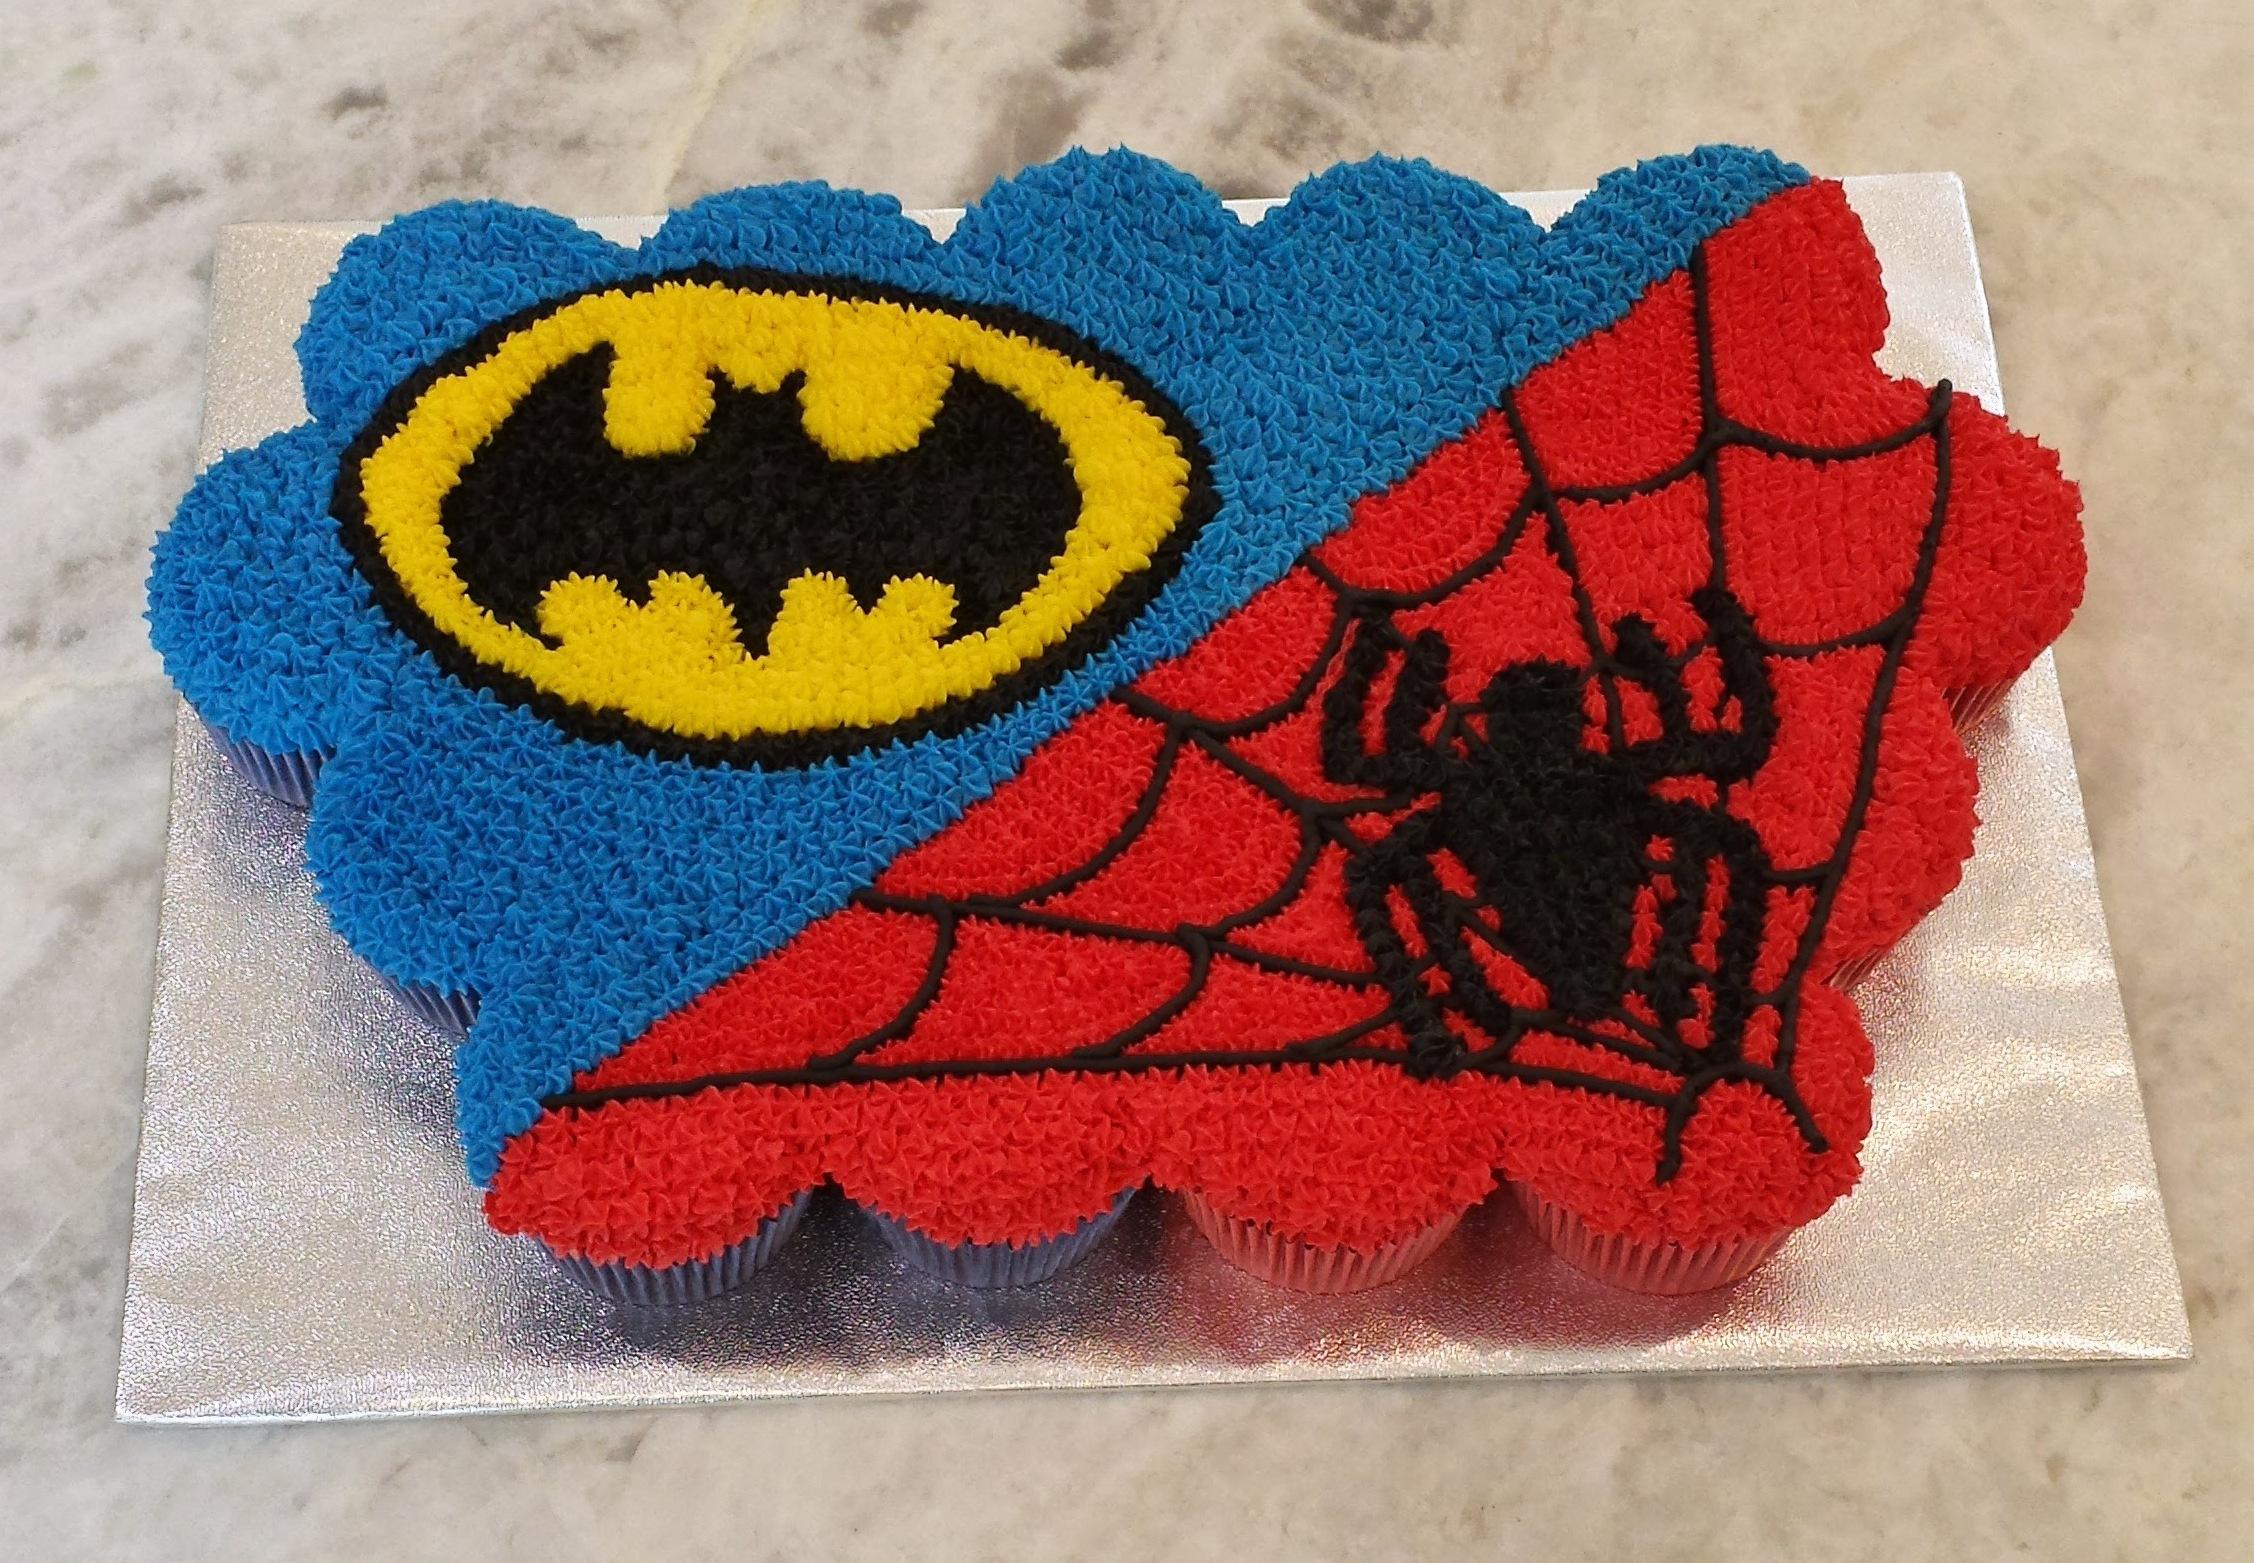 Batman Cupcake Cake Spidey Dessert Gems